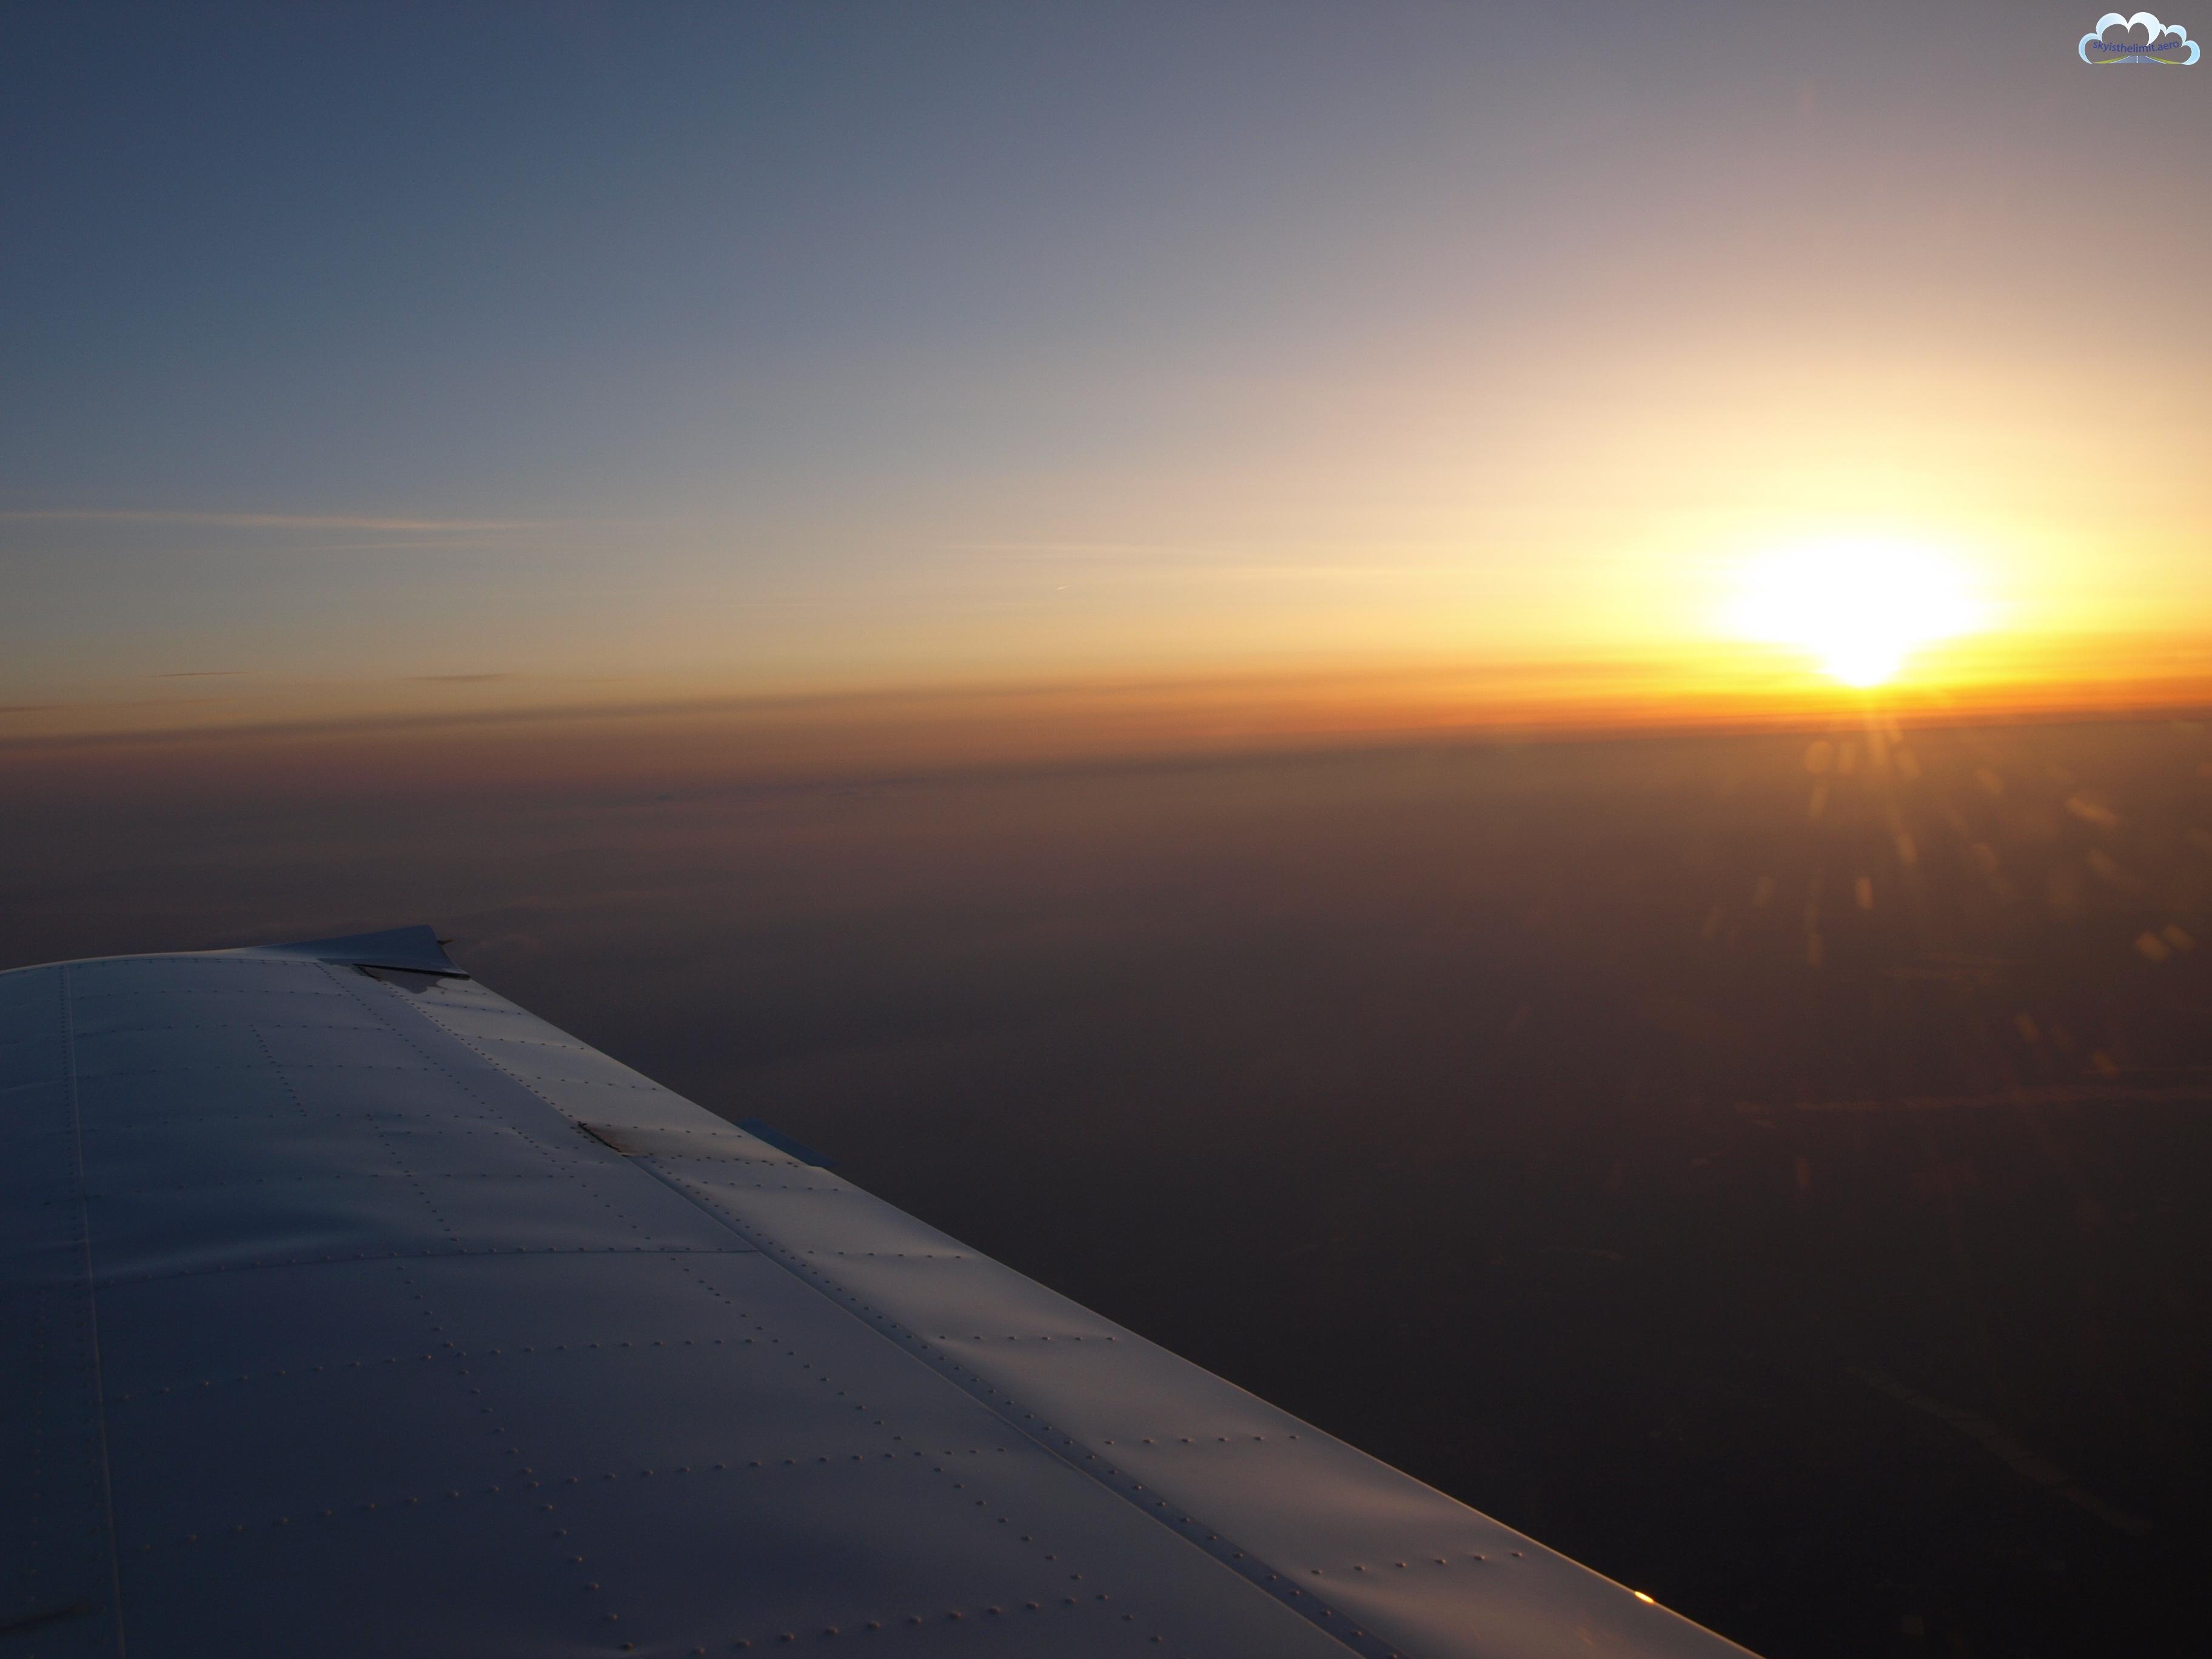 Zachód słońca i inwersja powodują, że trudno dostrzec obiekty pod nami.